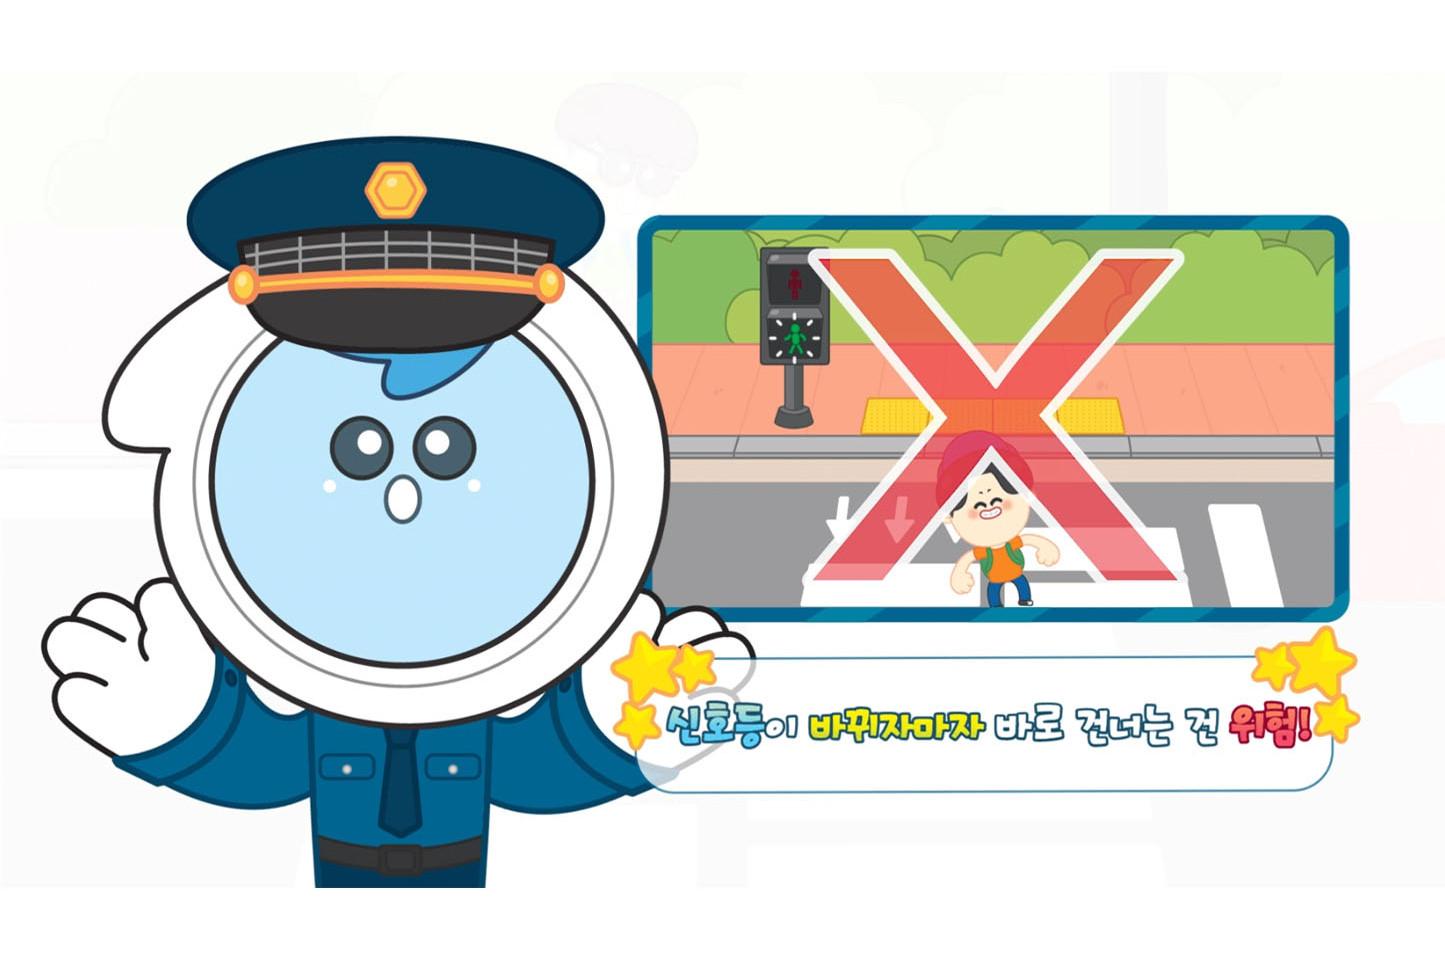 교통안전 애니메이션